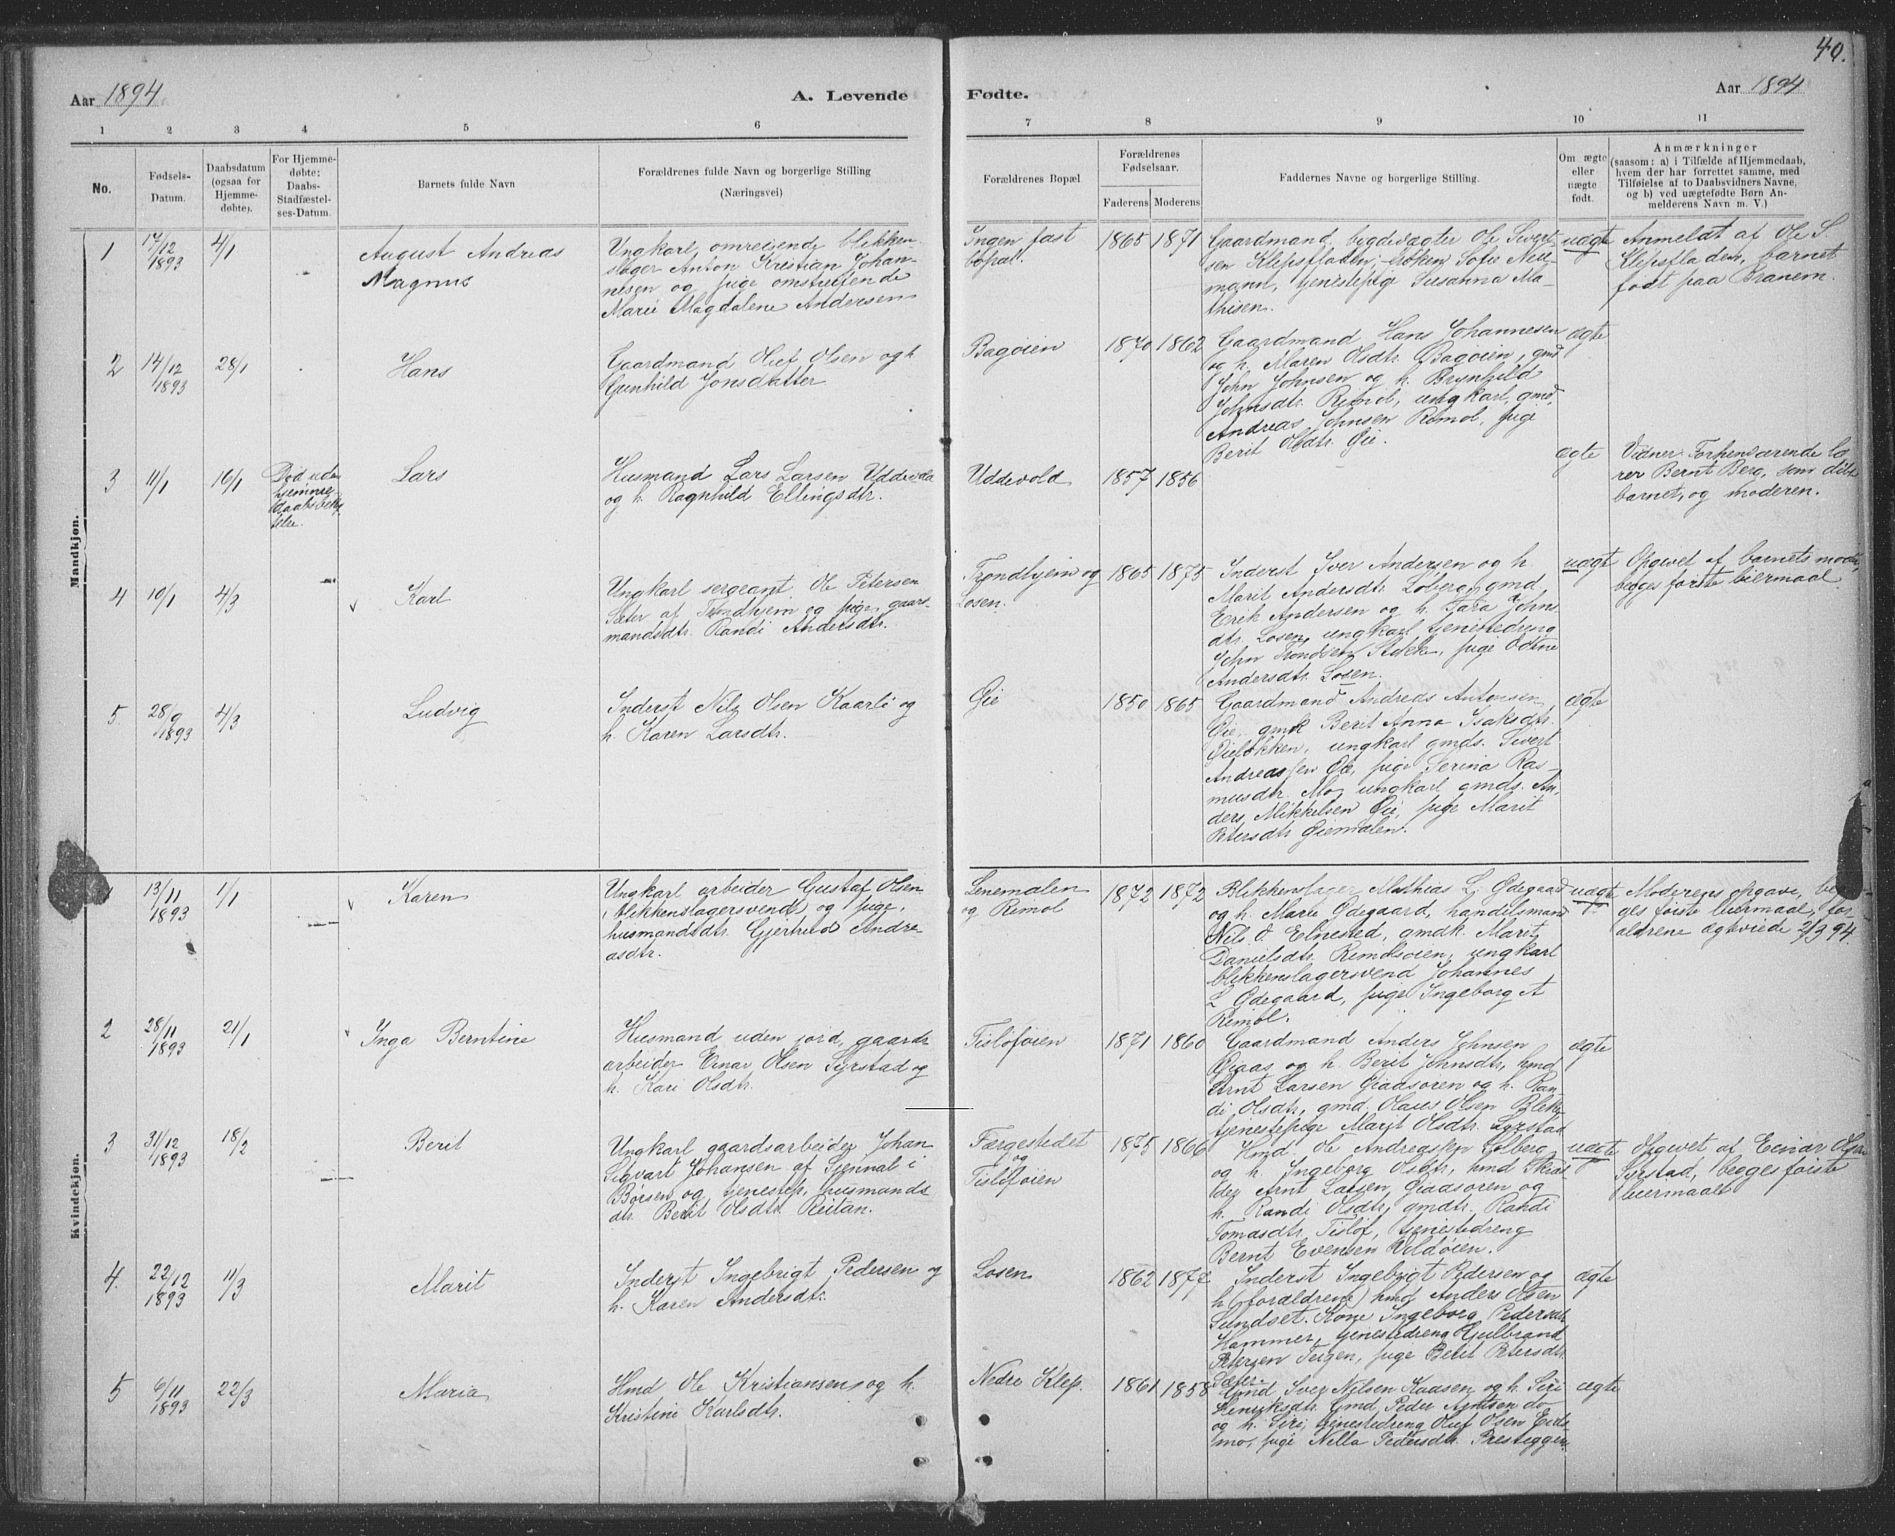 SAT, Ministerialprotokoller, klokkerbøker og fødselsregistre - Sør-Trøndelag, 691/L1085: Ministerialbok nr. 691A17, 1887-1908, s. 40